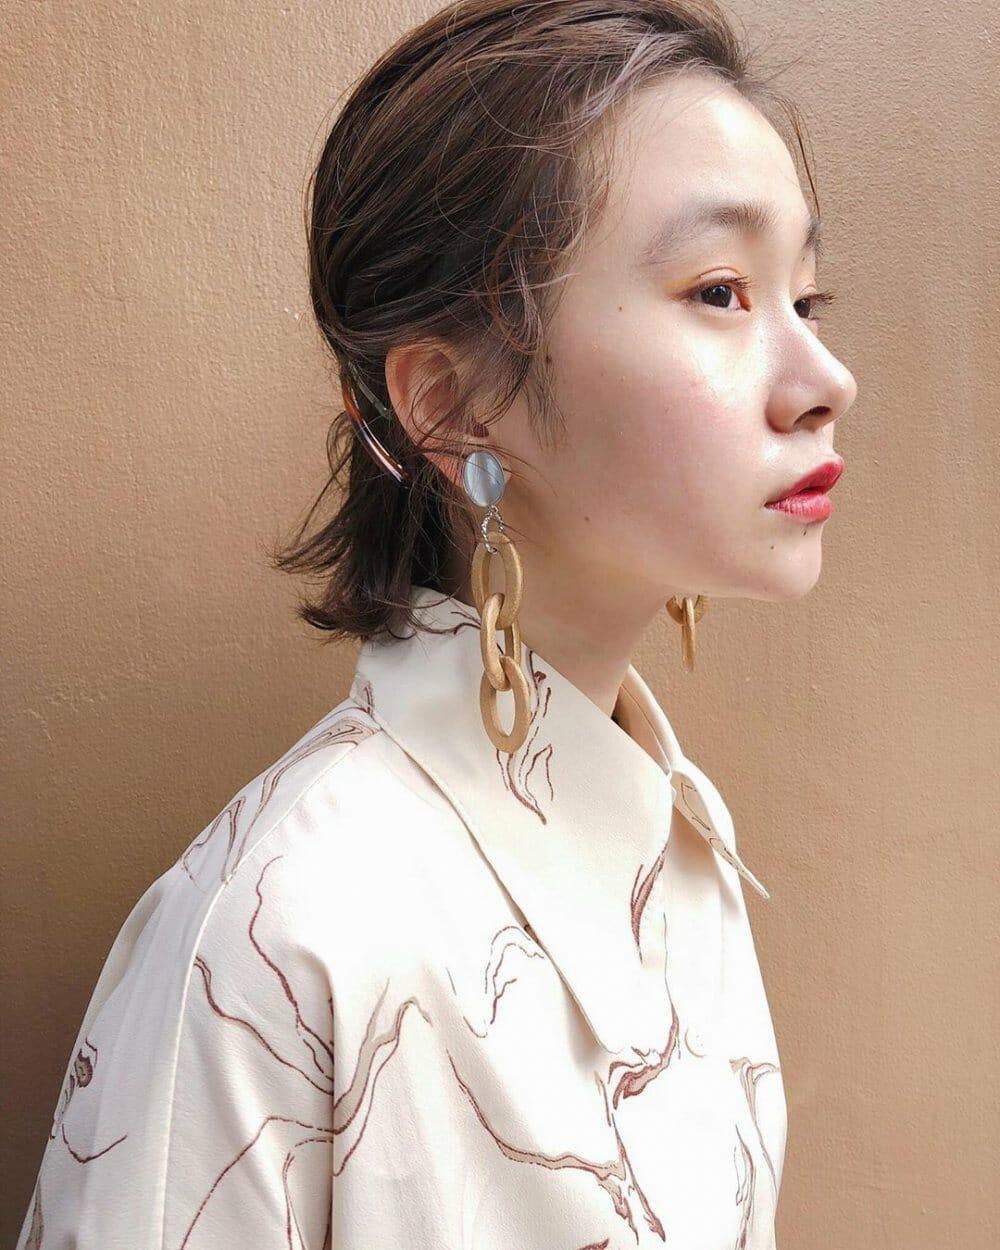 ミニボブヘアスタイルの髪型をオールバック前髪にヘアアレンジしている女性